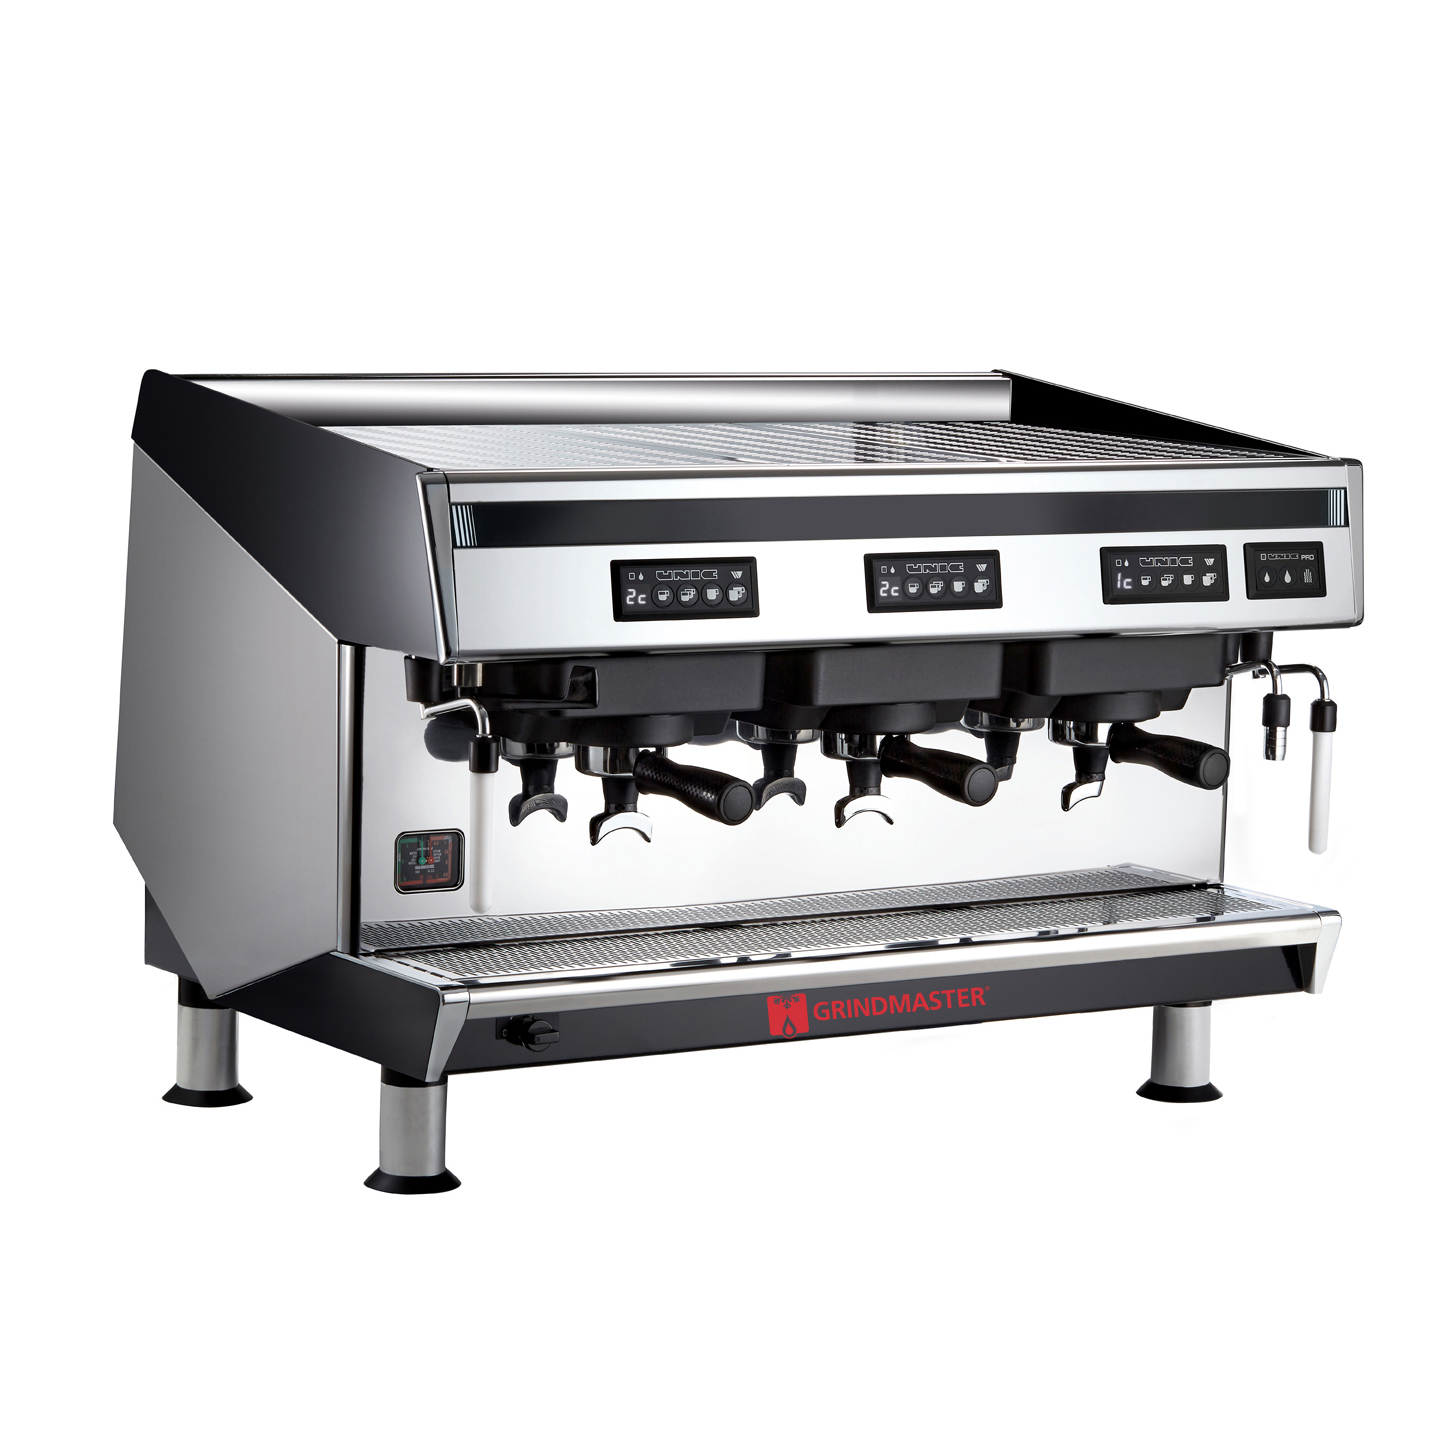 Grindmaster-Cecilware TRI MIRA espresso cappuccino machine